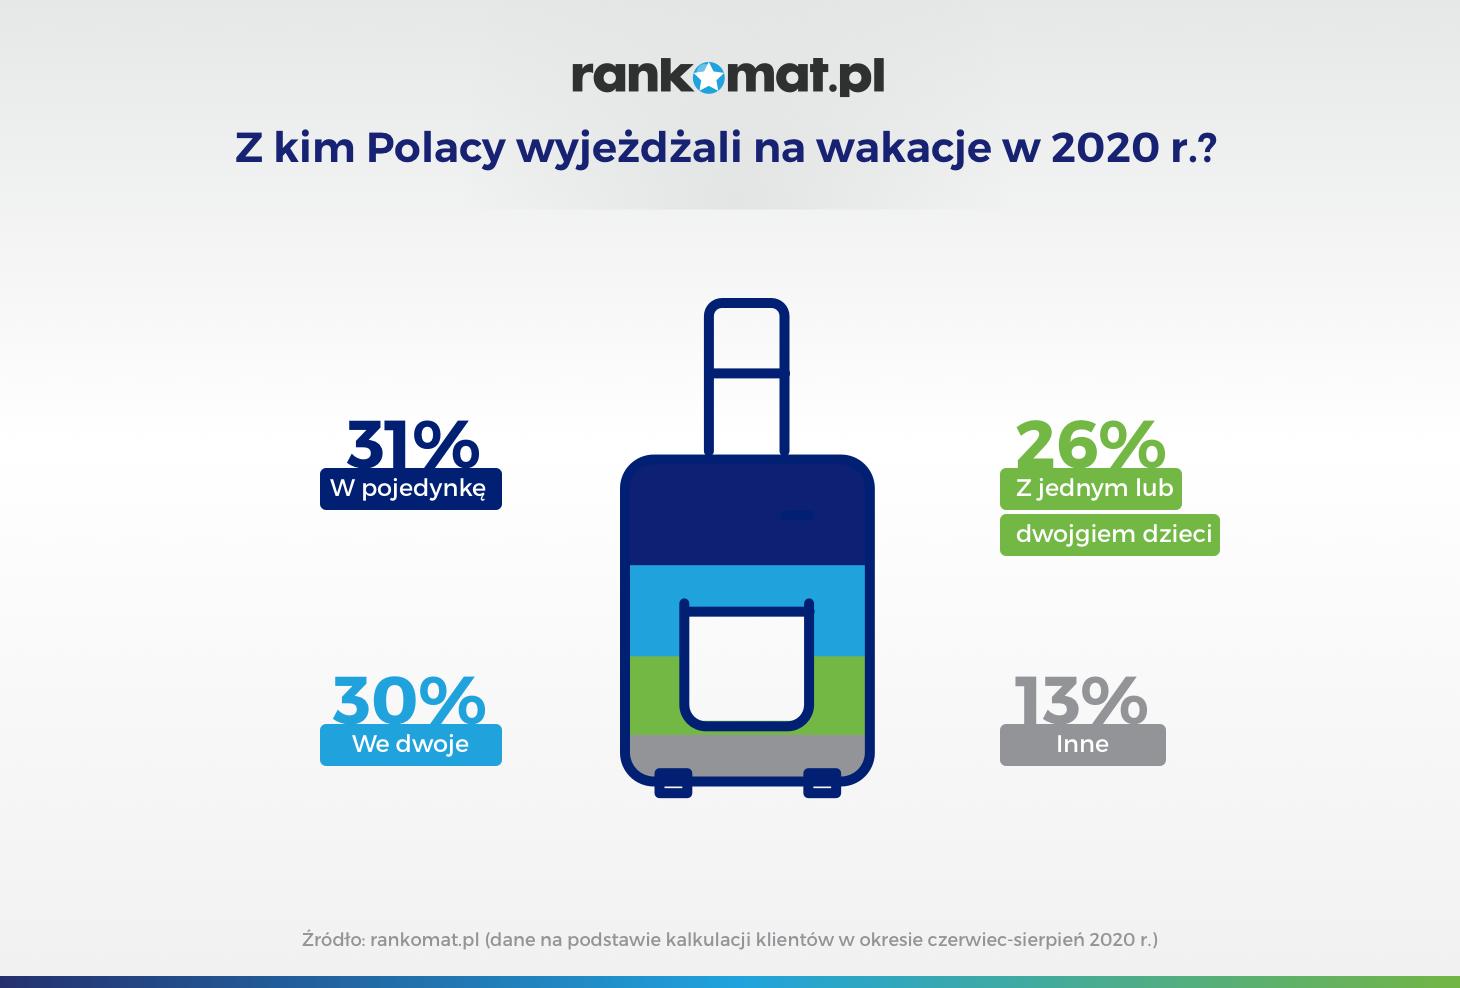 Z kim Polacy wyjeżdżali na wakacje w 2020 r_v1